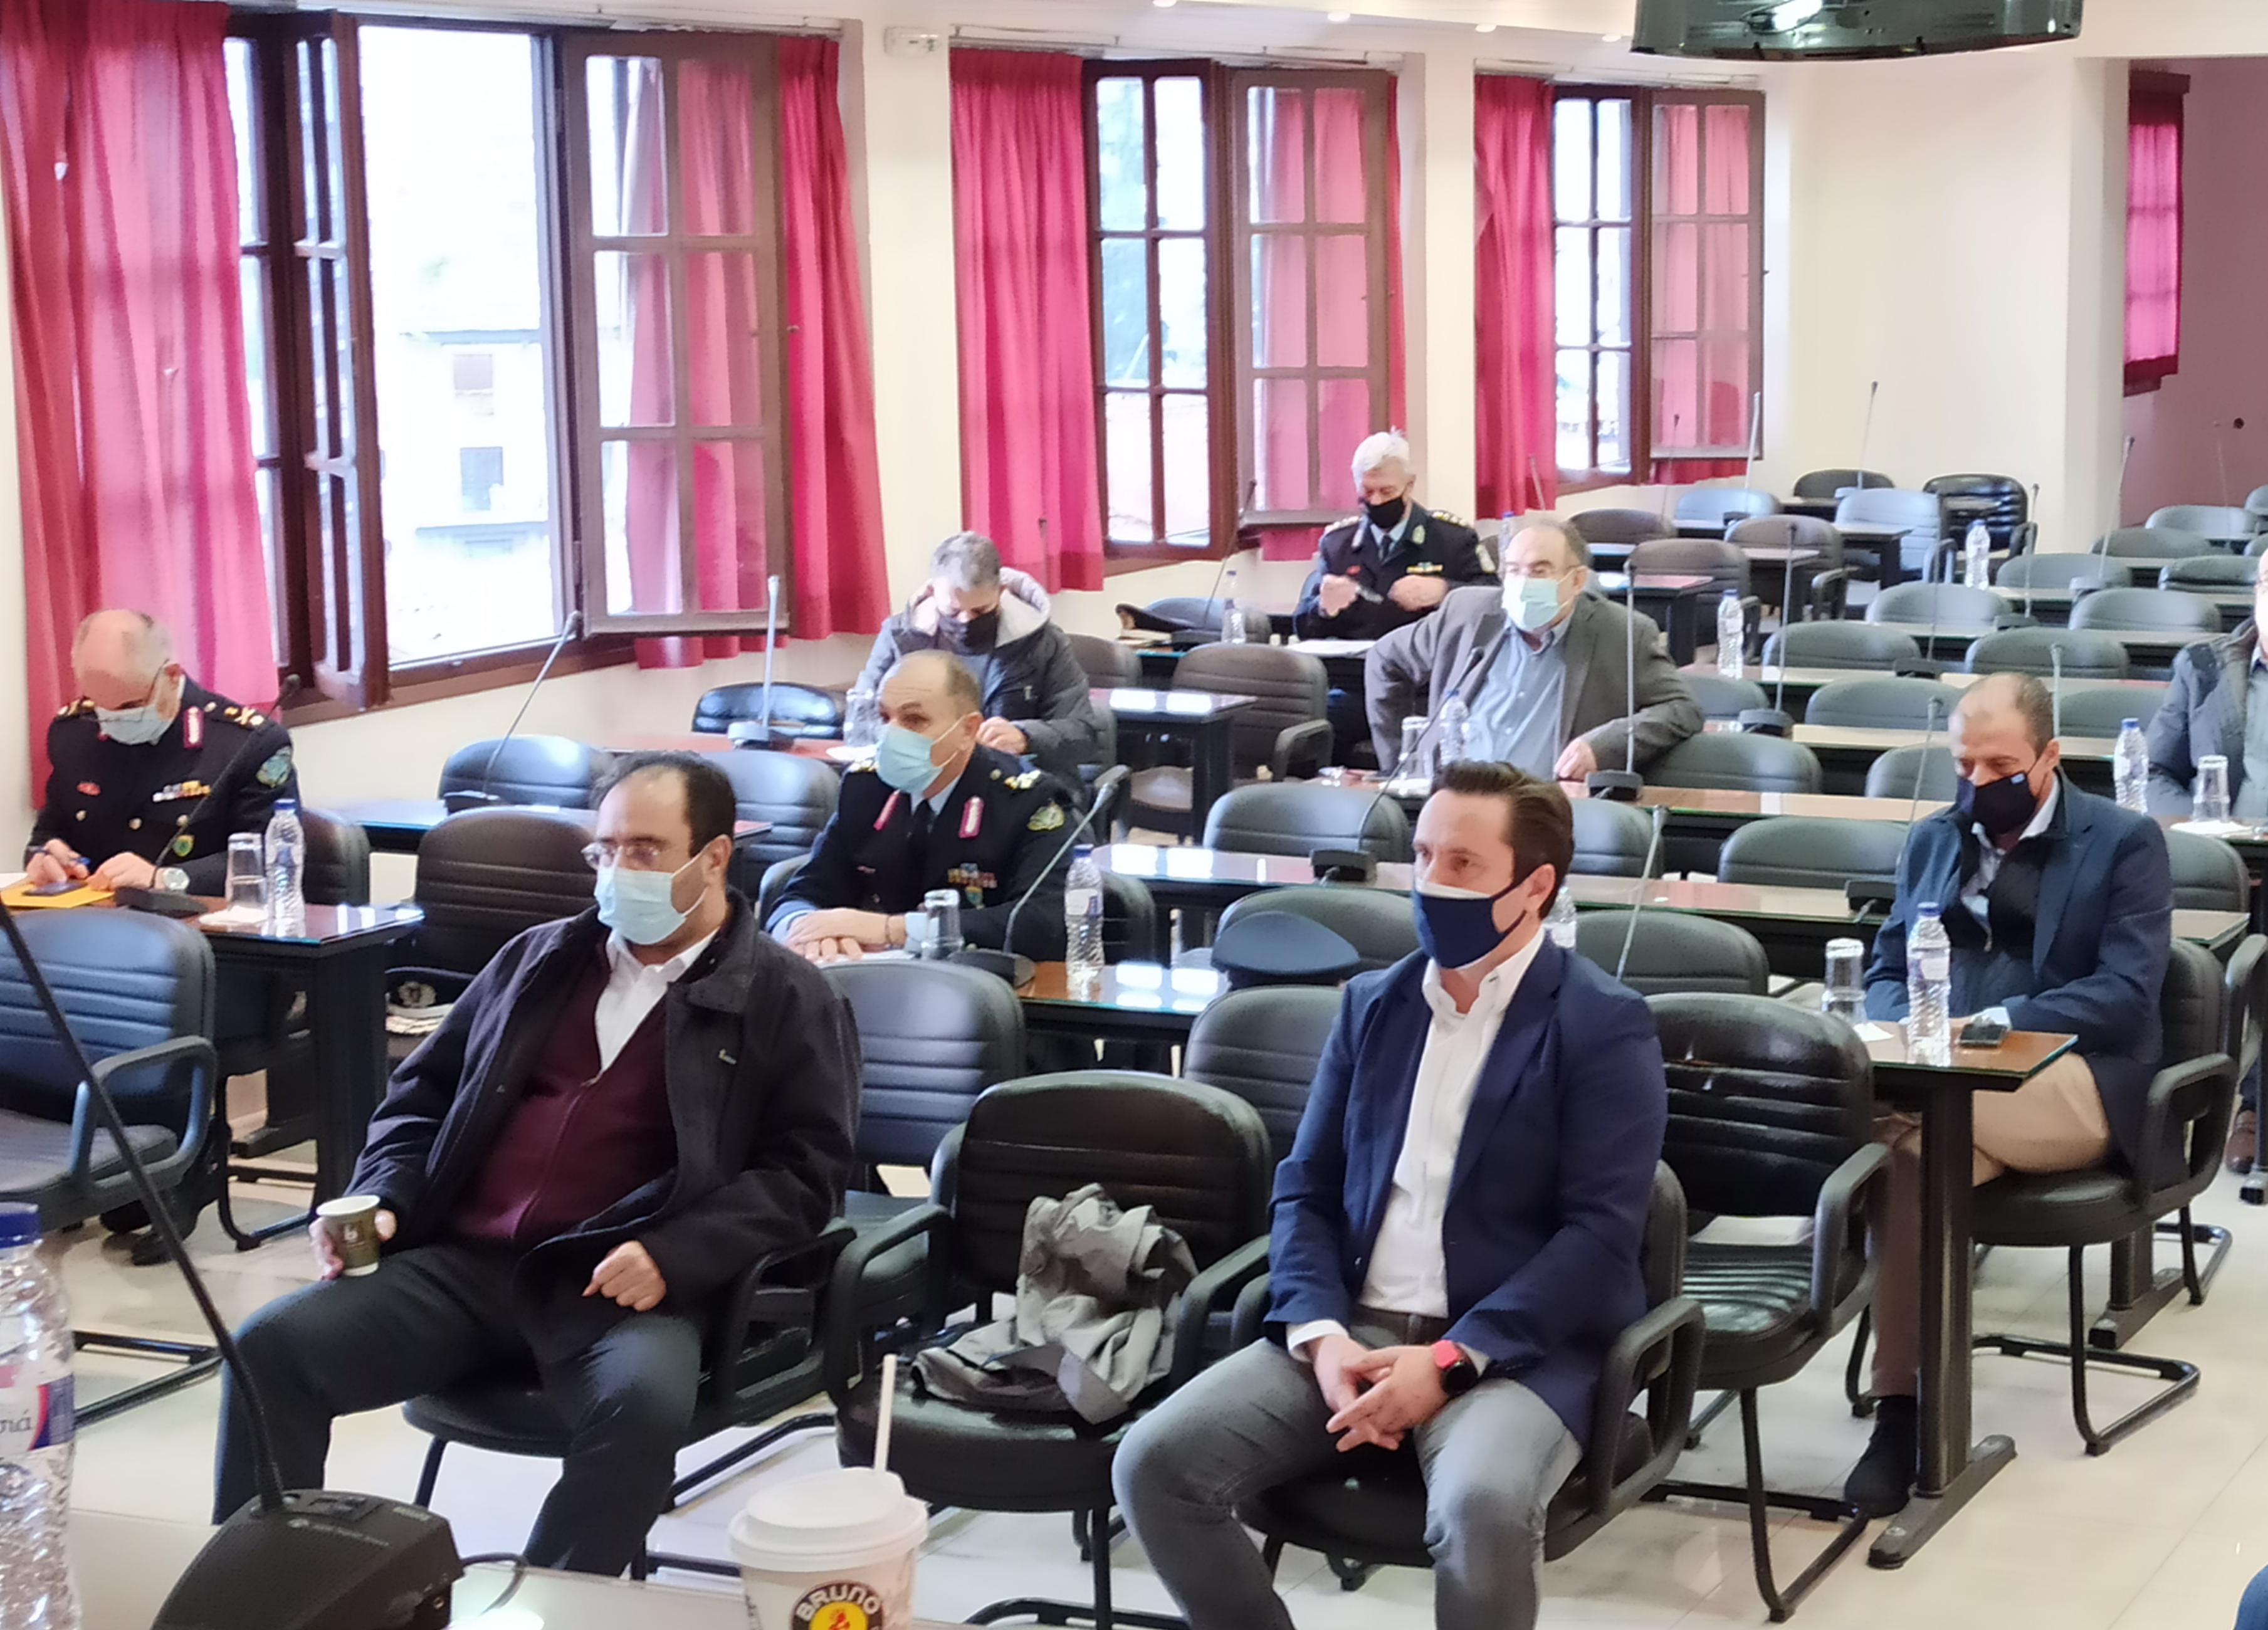 Δήλωση Δημάρχου Νάουσας για τη σημερινή ευρεία σύσκεψη εκπροσώπων φορέων της Ημαθίας στη Βέροια, με επικεφαλής τον Υπουργό Προστασίας του Πολίτη κ. Μιχάλη Χρυσοχοϊδη